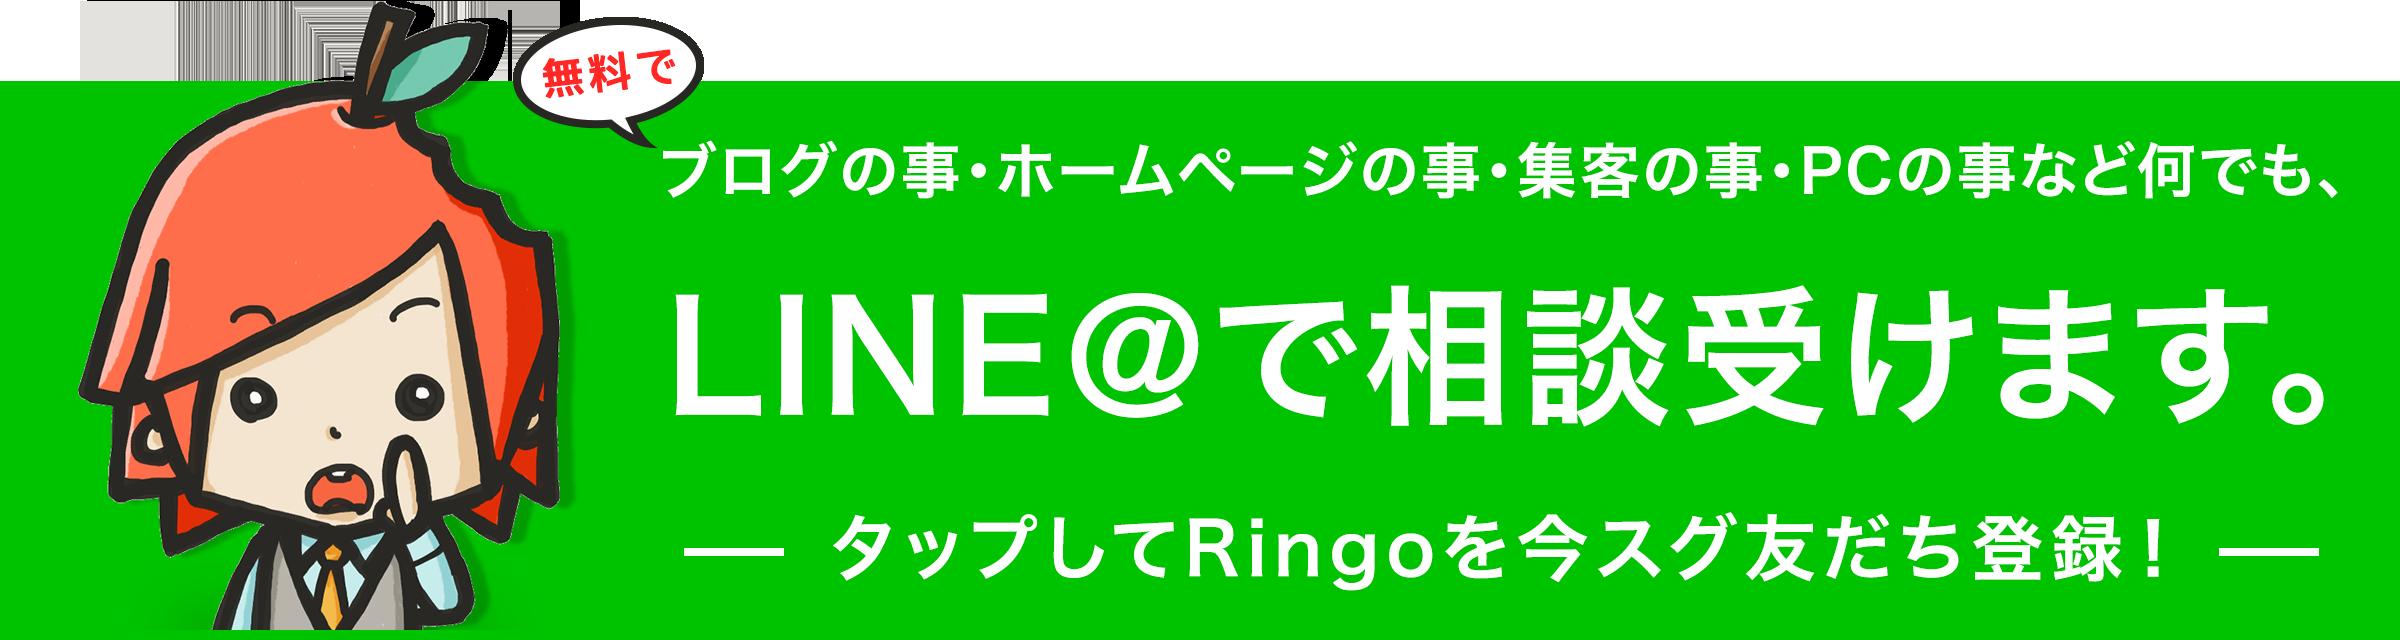 RingoのLINE@はじめました!